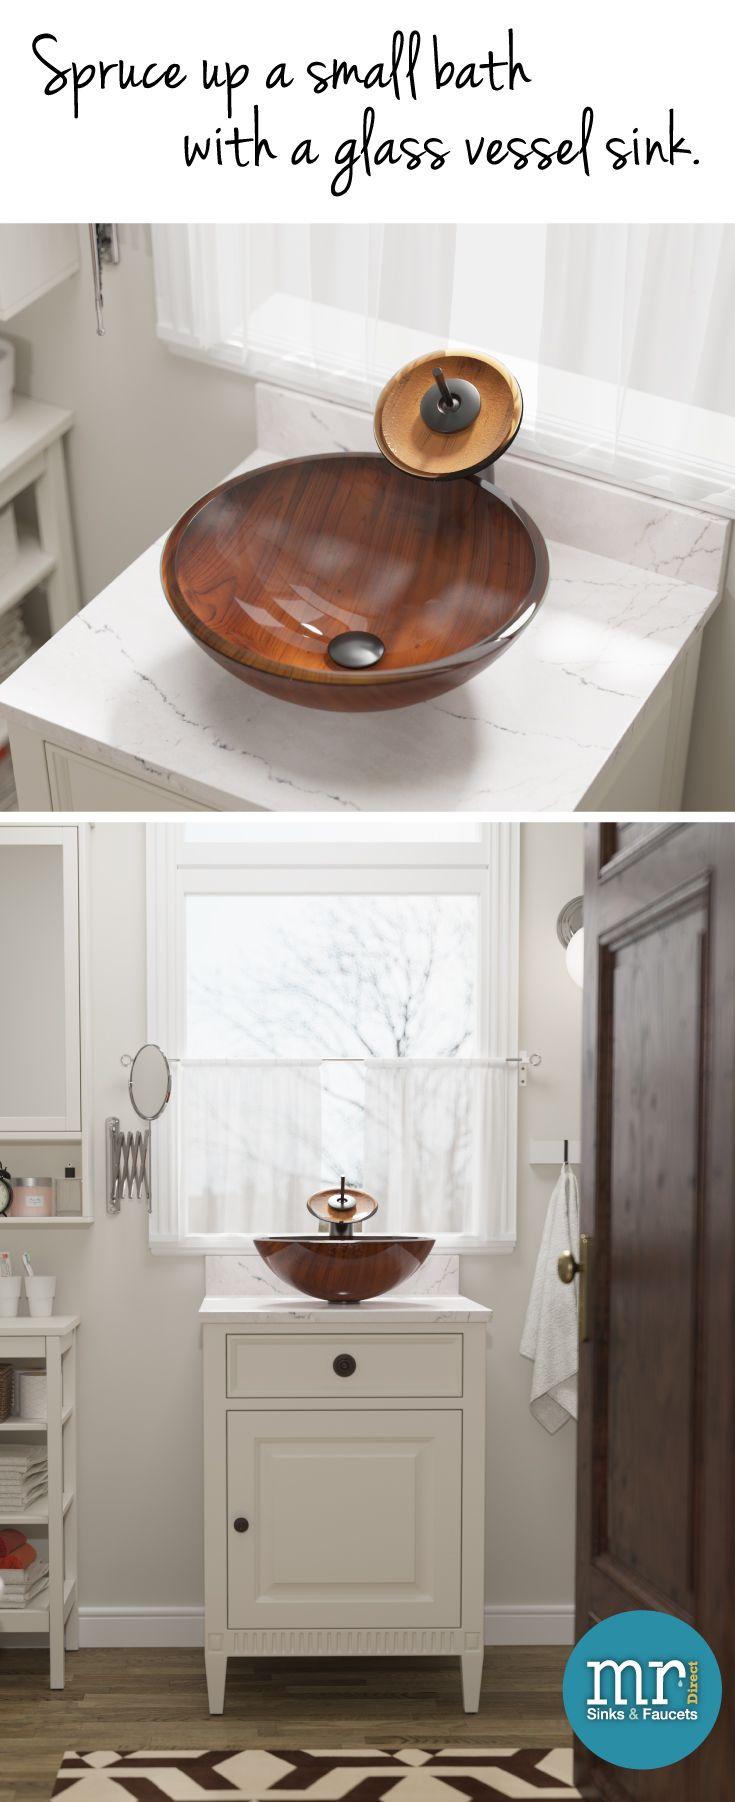 Best Bathroom Sinks Faucets Images Onbathroom